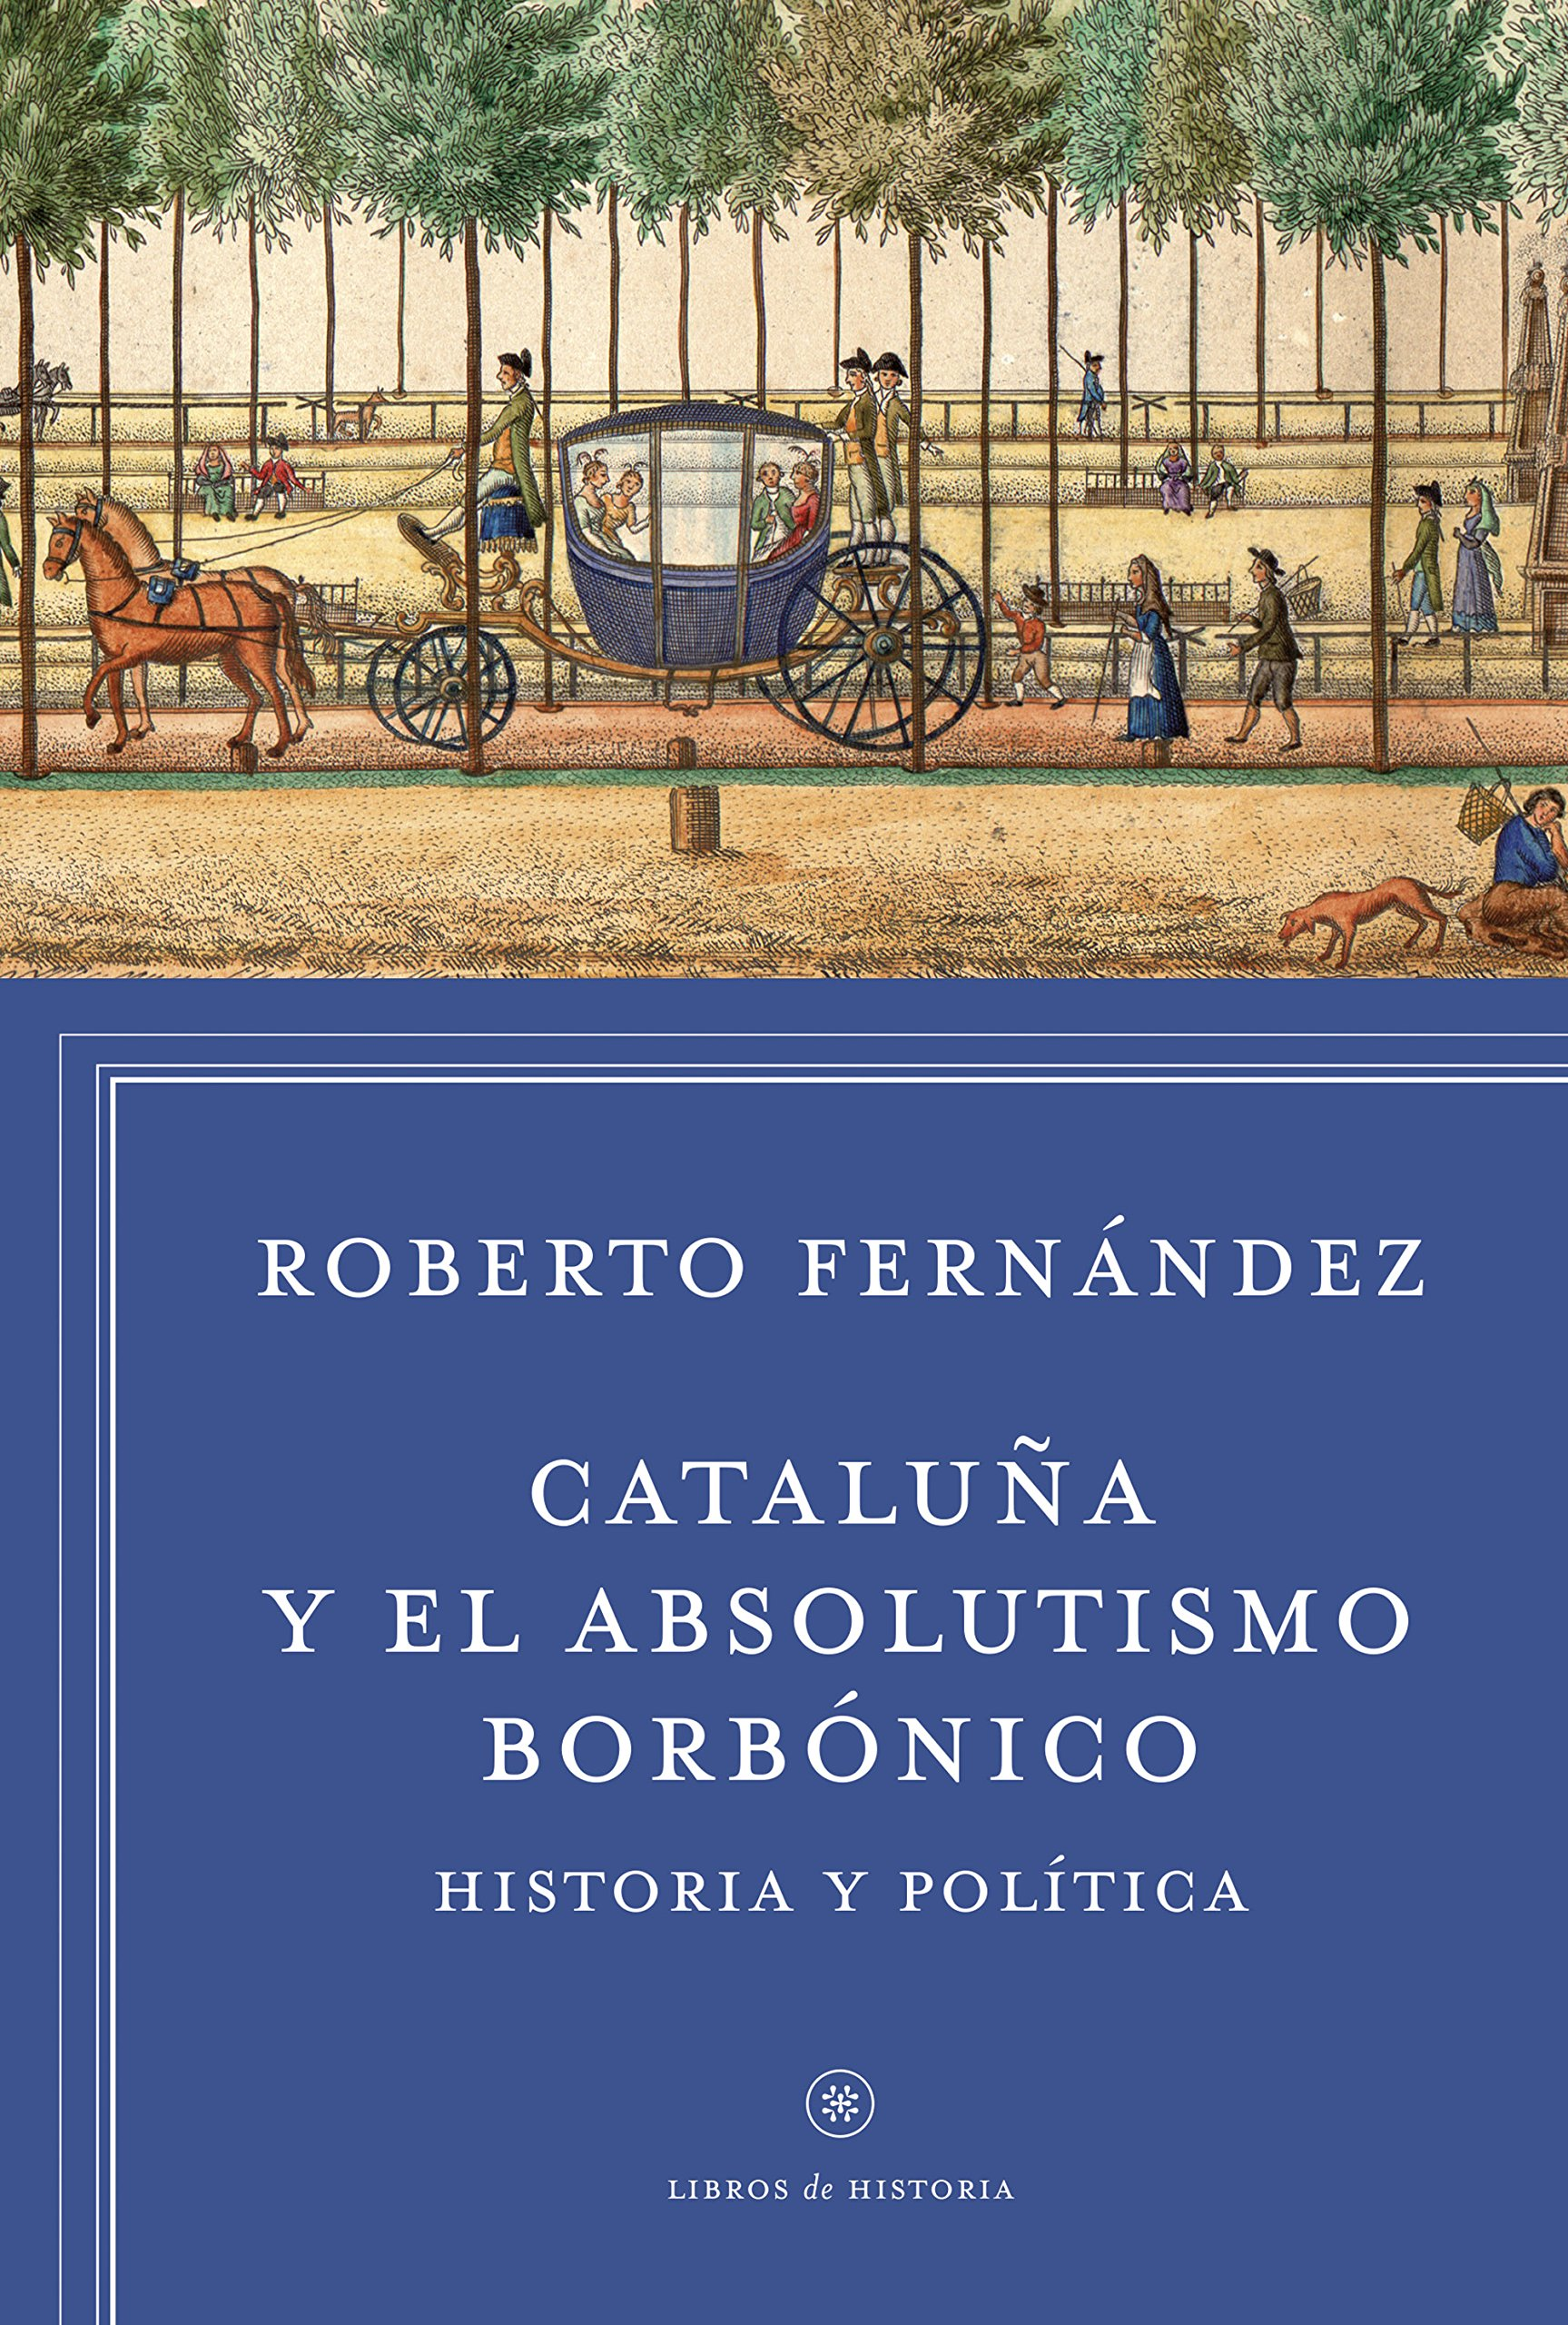 Cataluña y el absolutismo borbónico: Historia y política Libros de Historia: Amazon.es: Fernández Díaz, Roberto: Libros